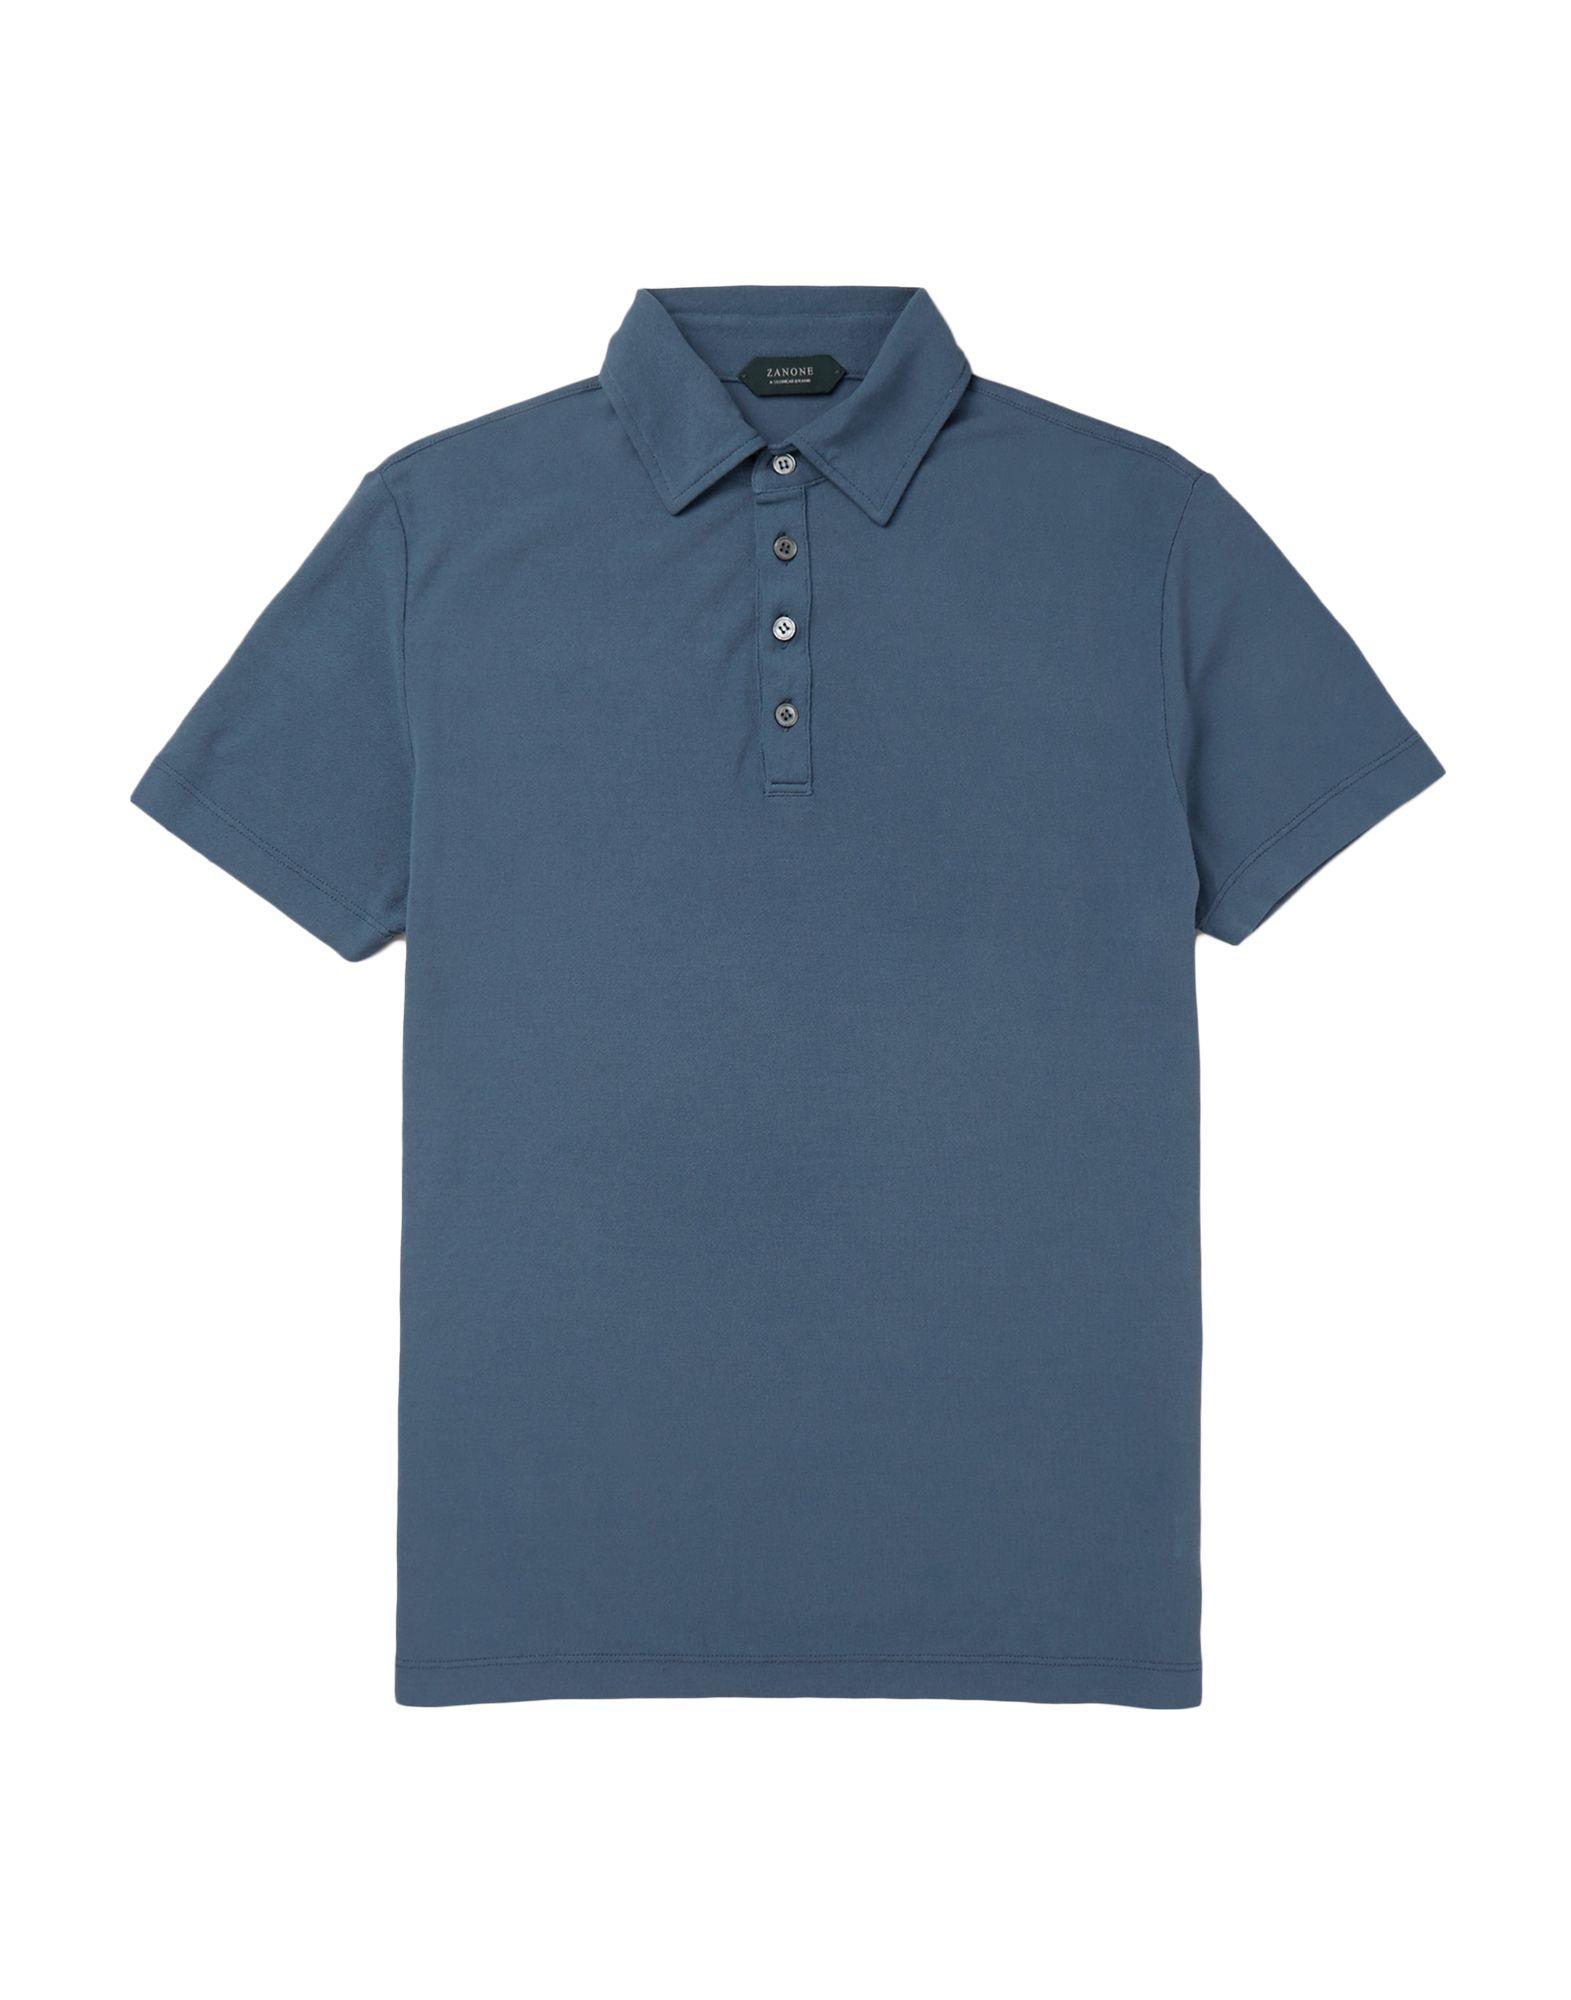 《送料無料》ZANONE メンズ ポロシャツ ブルーグレー 46 コットン 100%